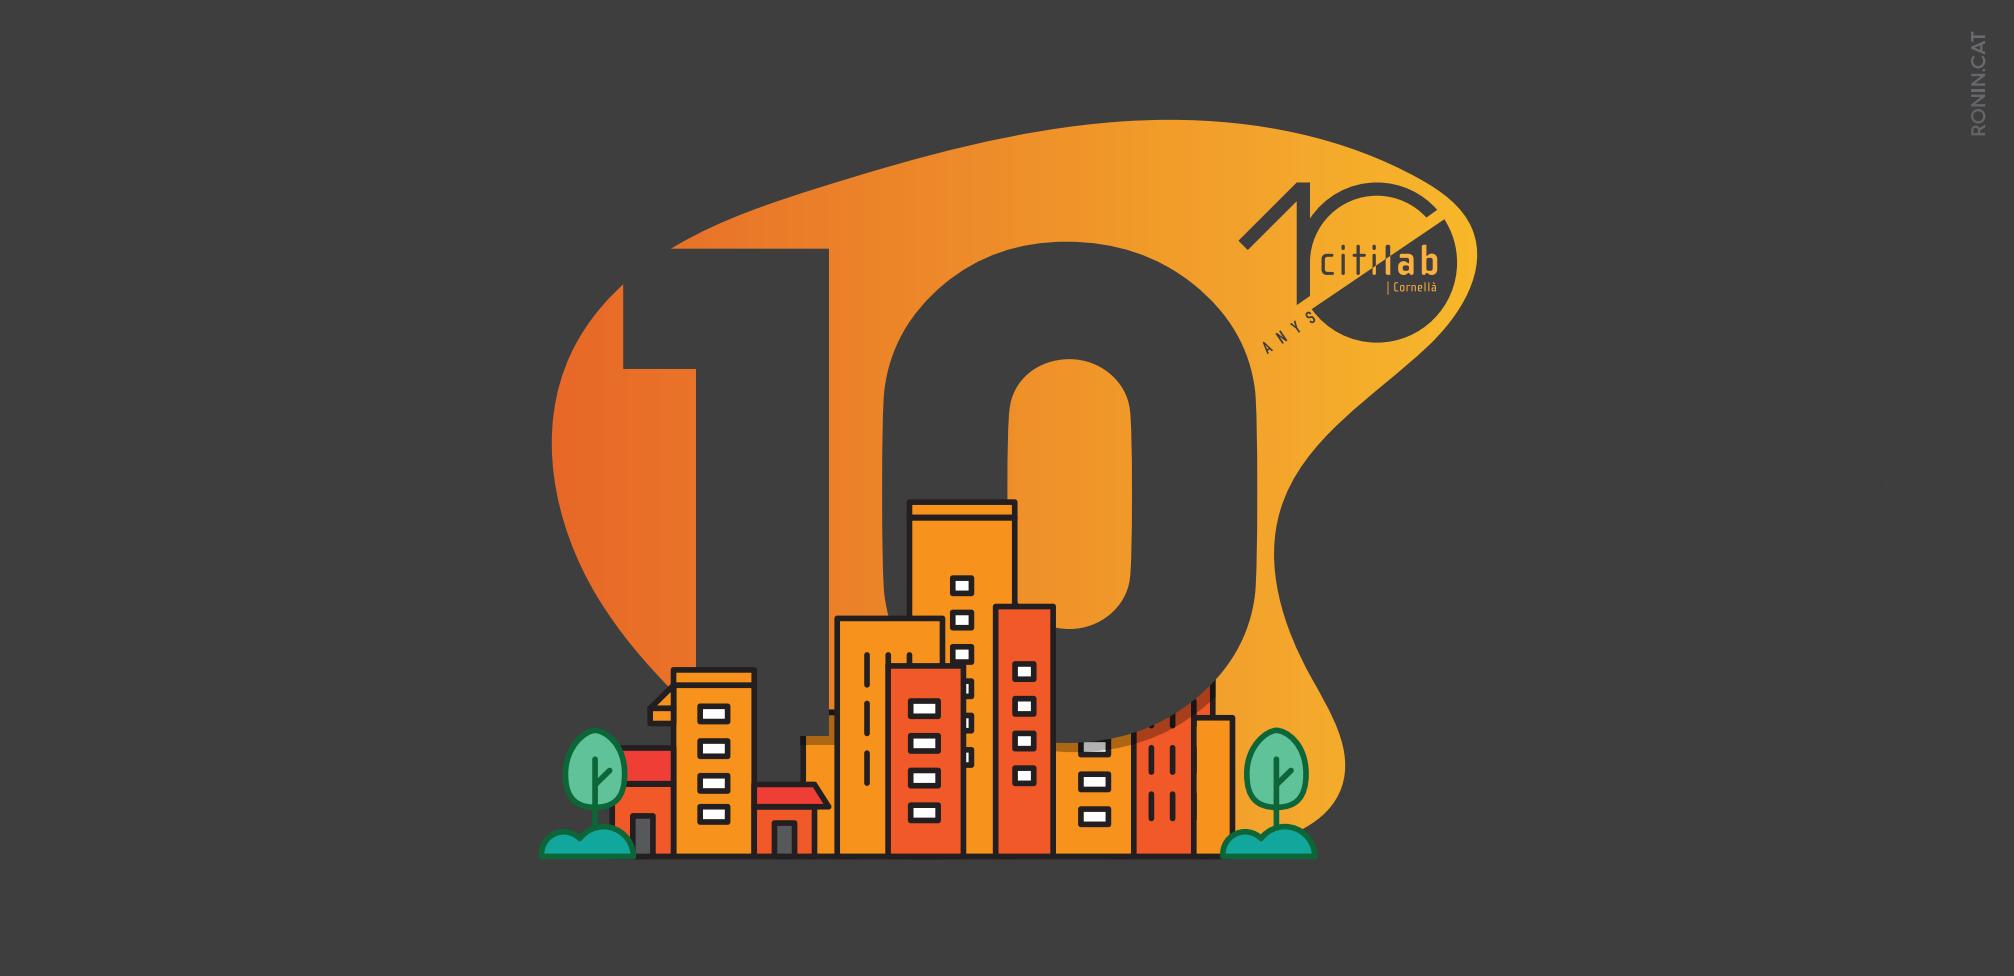 Citilab Celebra El Seu 10è Aniversari  Durant La Setmana Del 6 Al 12 De Novembre